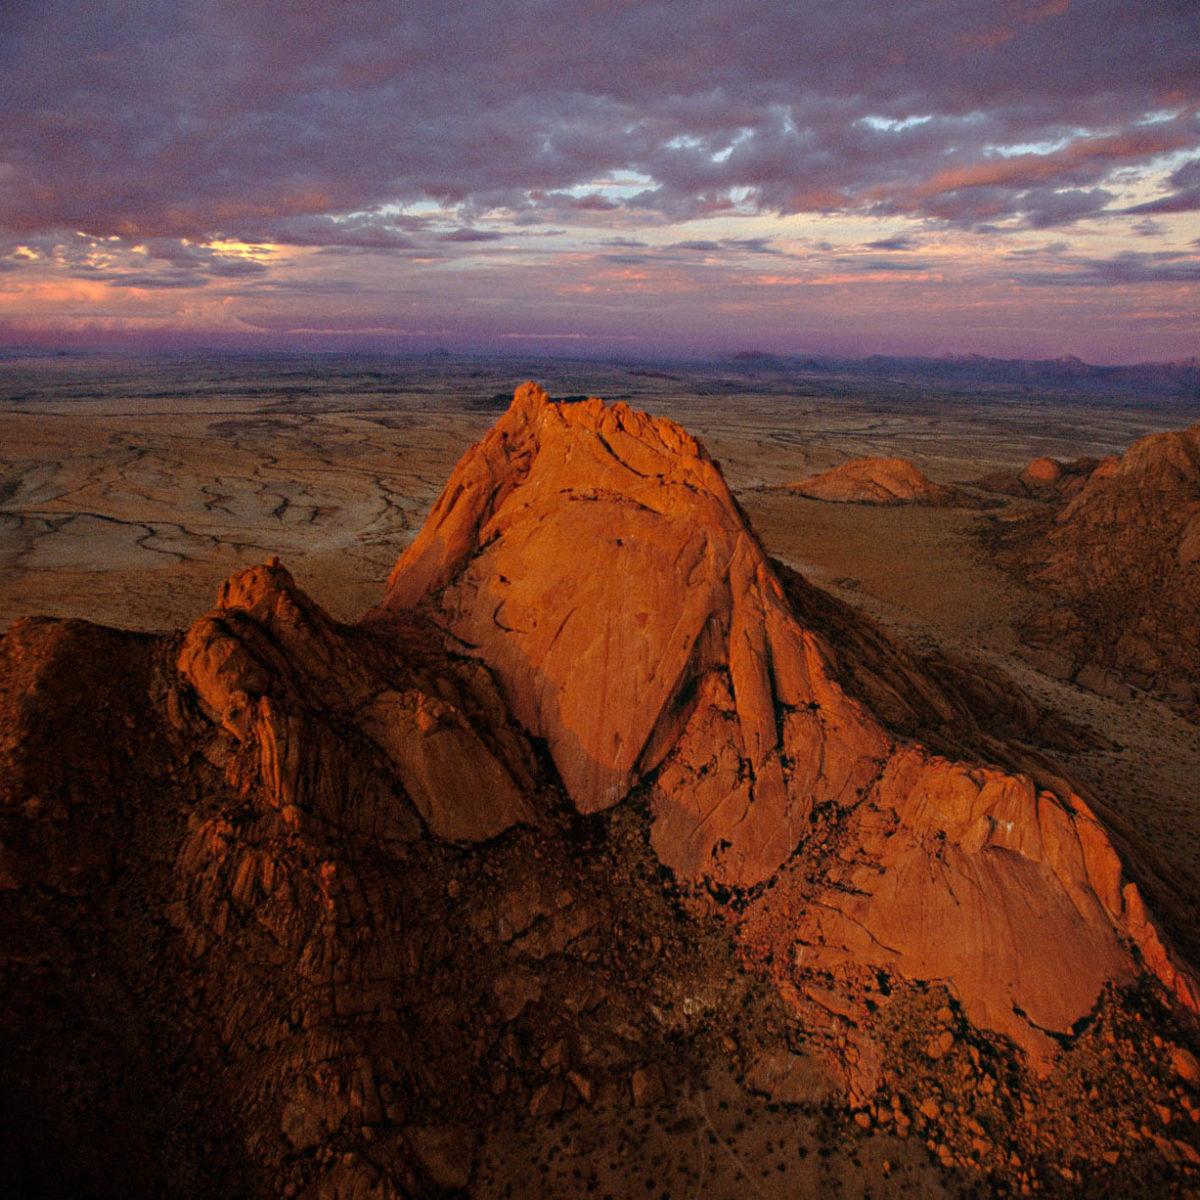 Massif du Spitzkop au coucher du soleil, région du damaraland, Namibie (21°50' S - 15°11' E) © Yann Arthus-Bertrand